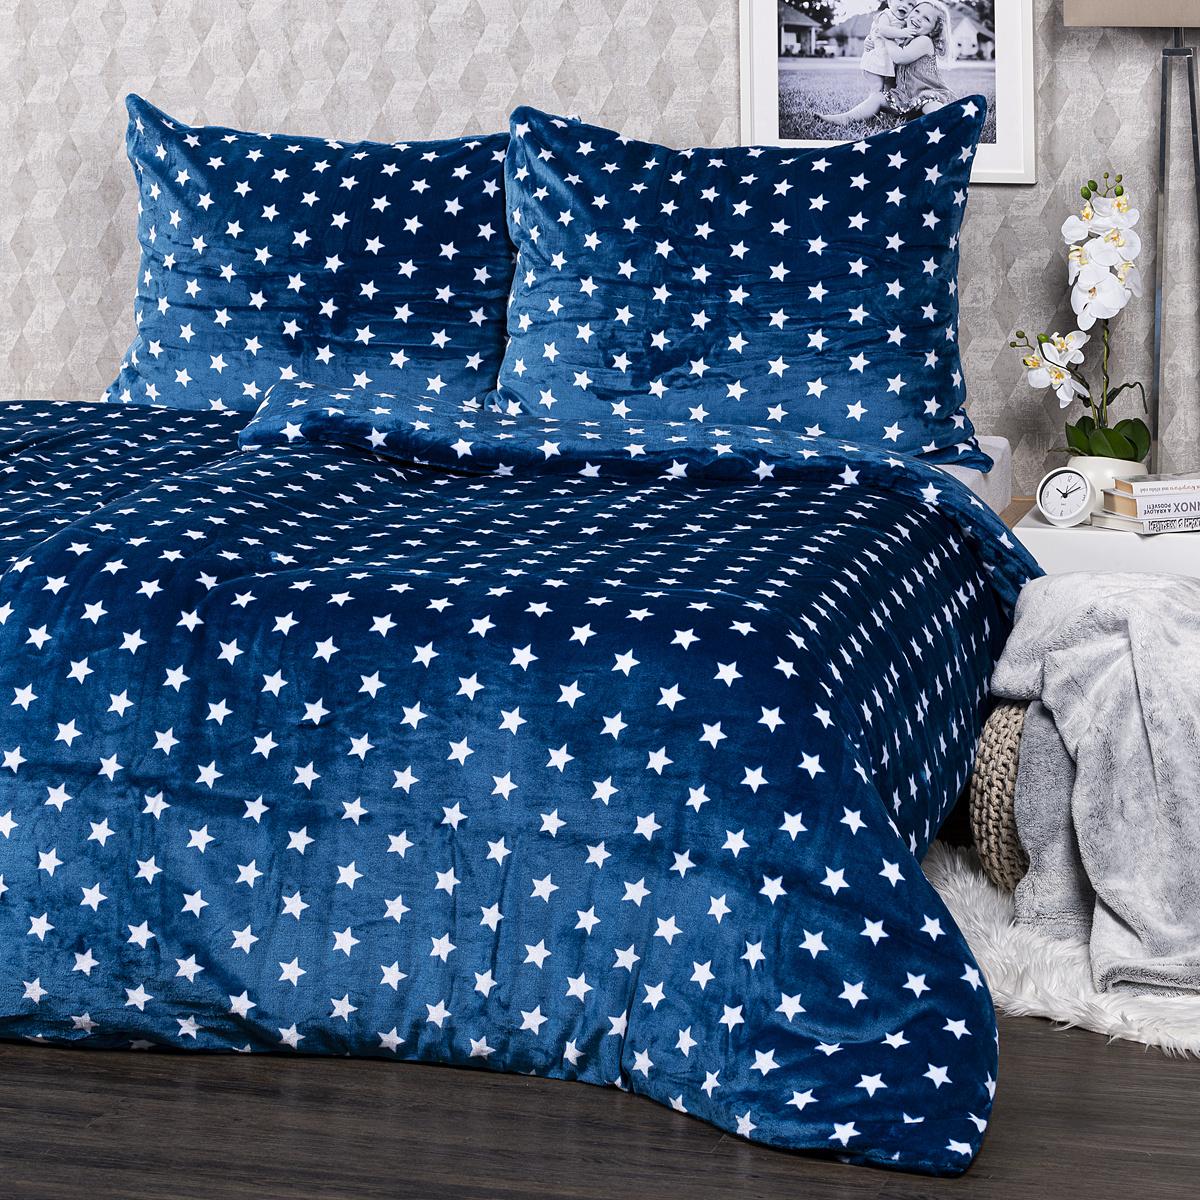 4Home povlečení mikroflanel Stars modrá, 140 x 220 cm, 70 x 90 cm, 140 x 220 cm, 70 x 90 cm